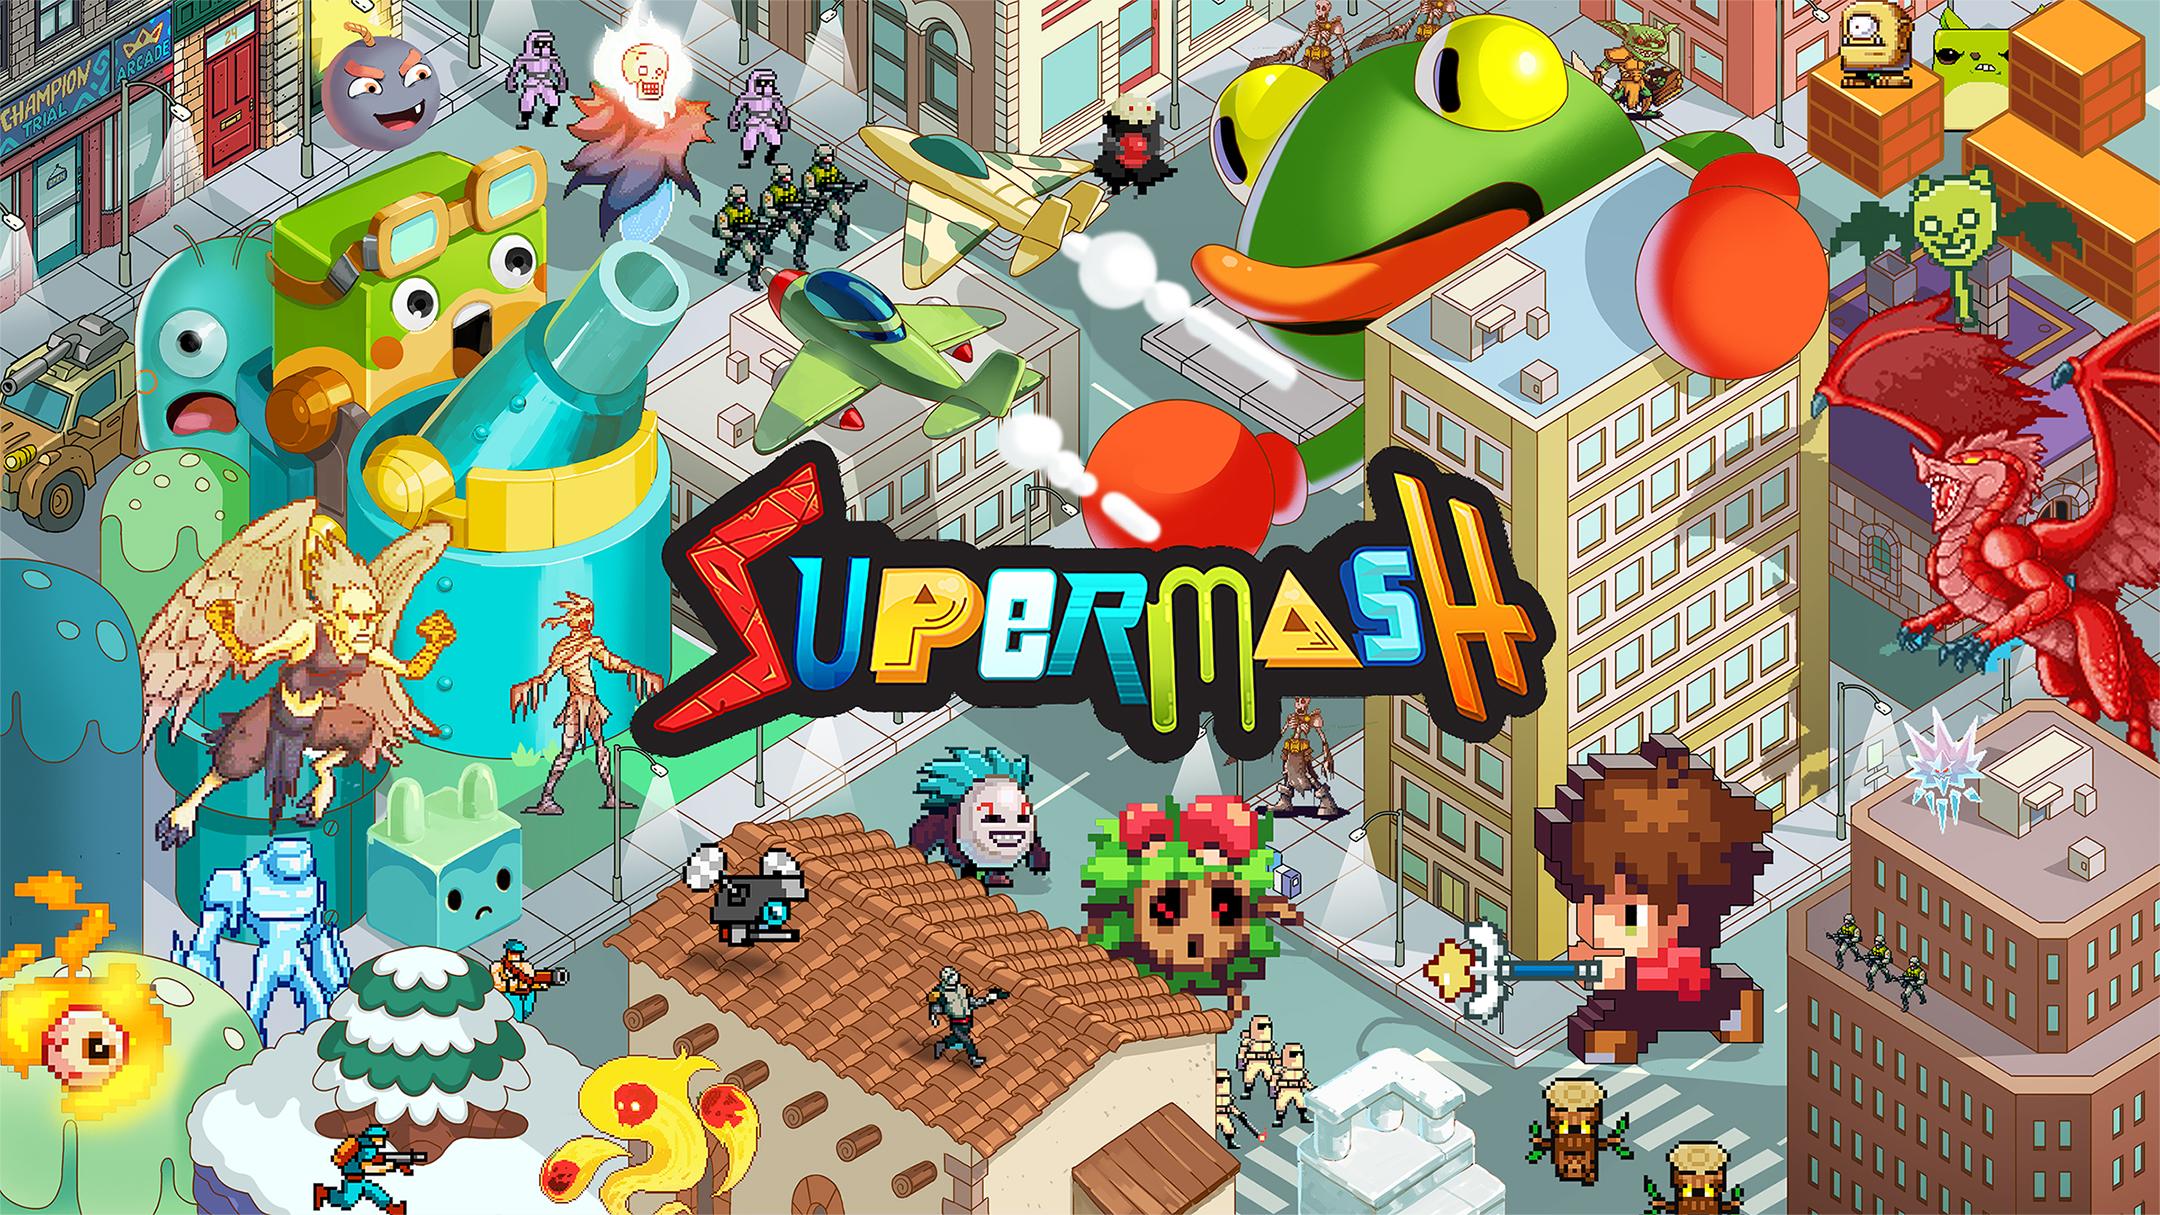 25 минут игрового процесса SuperMash с гибридной консоли